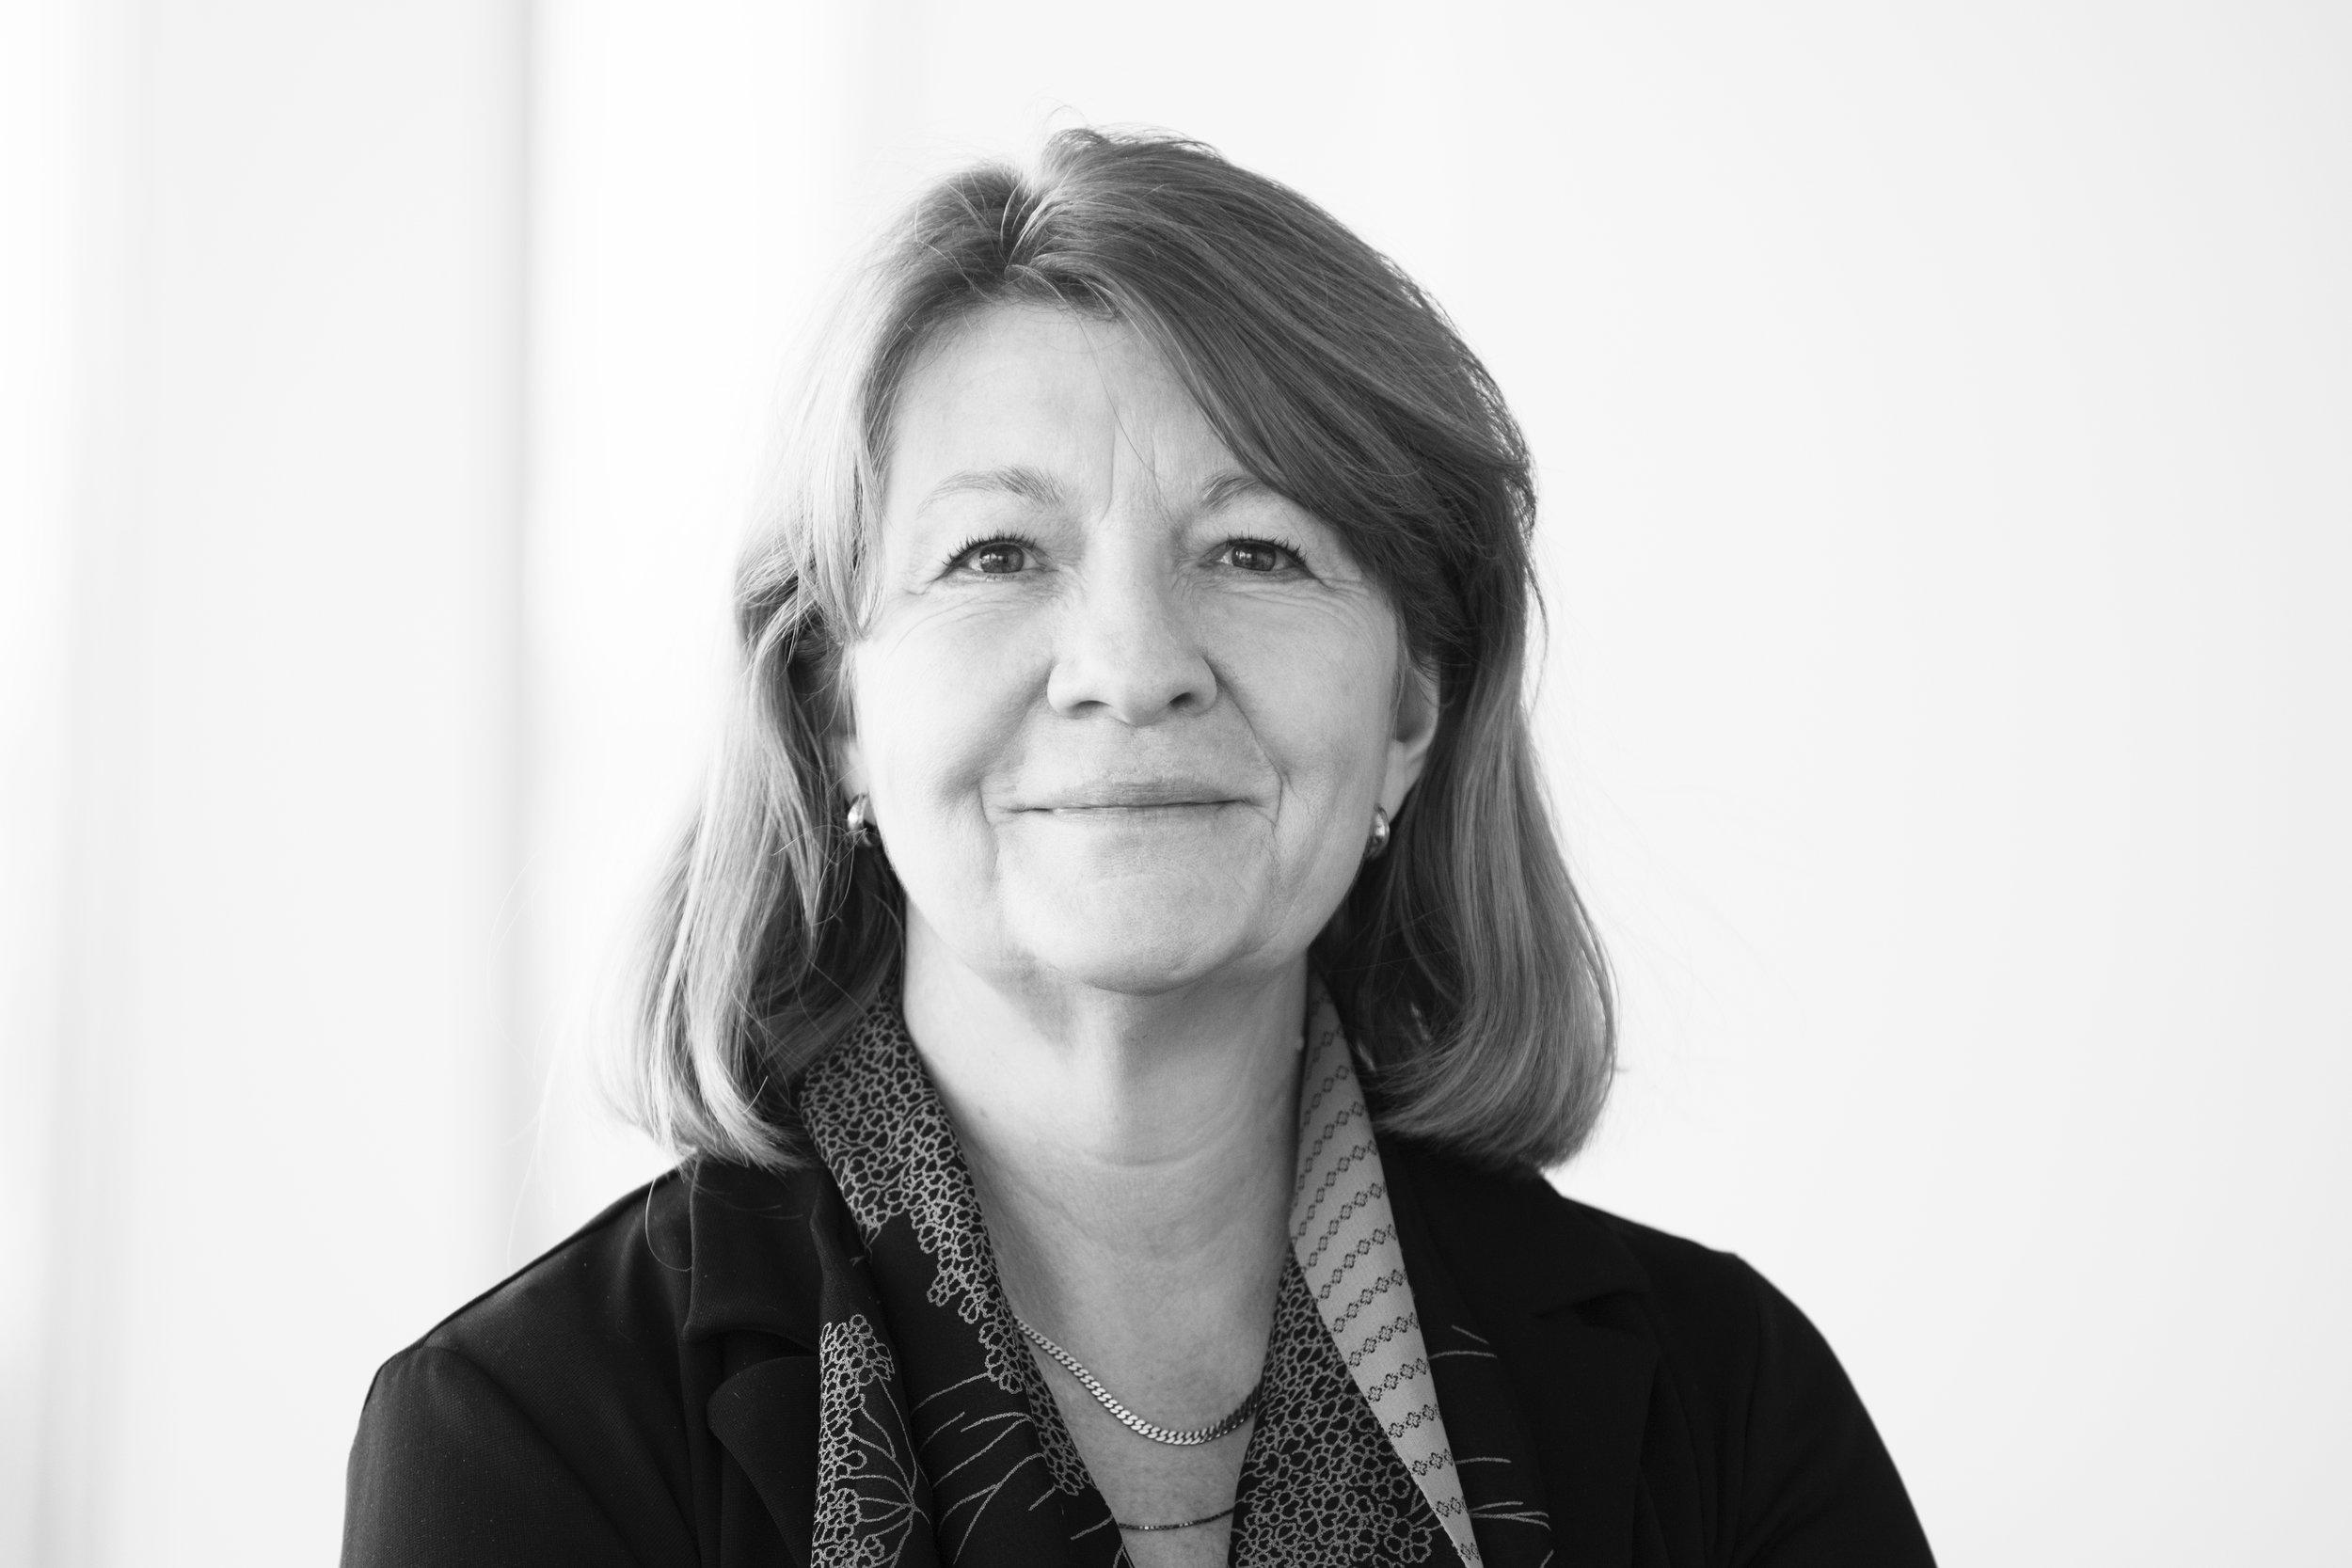 Ann - Ann Johansson /Business AssistantAnn on ollut töissä Nordic Interimissä vuodesta 2013 ja työskentelee nykyään Italiasta käsin. Hänen on aikaisemmin ollut muun muassa muun muassa Partner Assistantina McKinsey & Companyssa, White & Casessa sekä Odgers Berndtsonilla.+46 (0)70 493 64 54/ann.johansson@nordicinterim.com